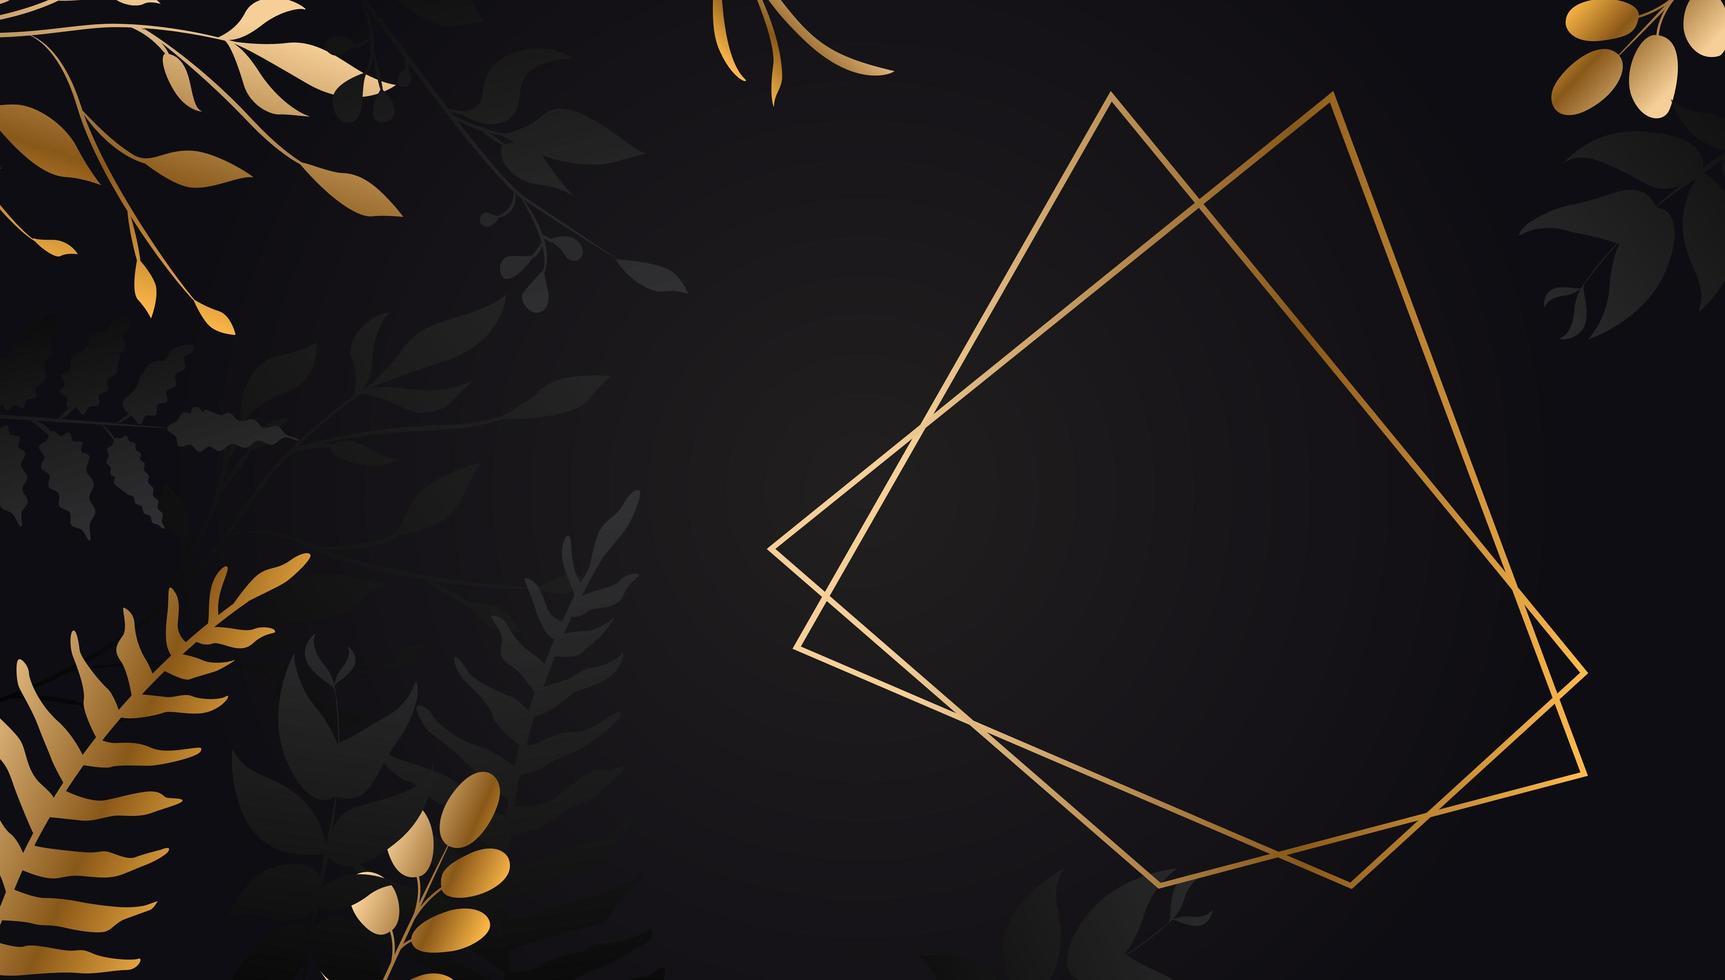 flor dourada em fundo preto. folha de ouro com linhas. brochura floral, cartão, vetor de capa.